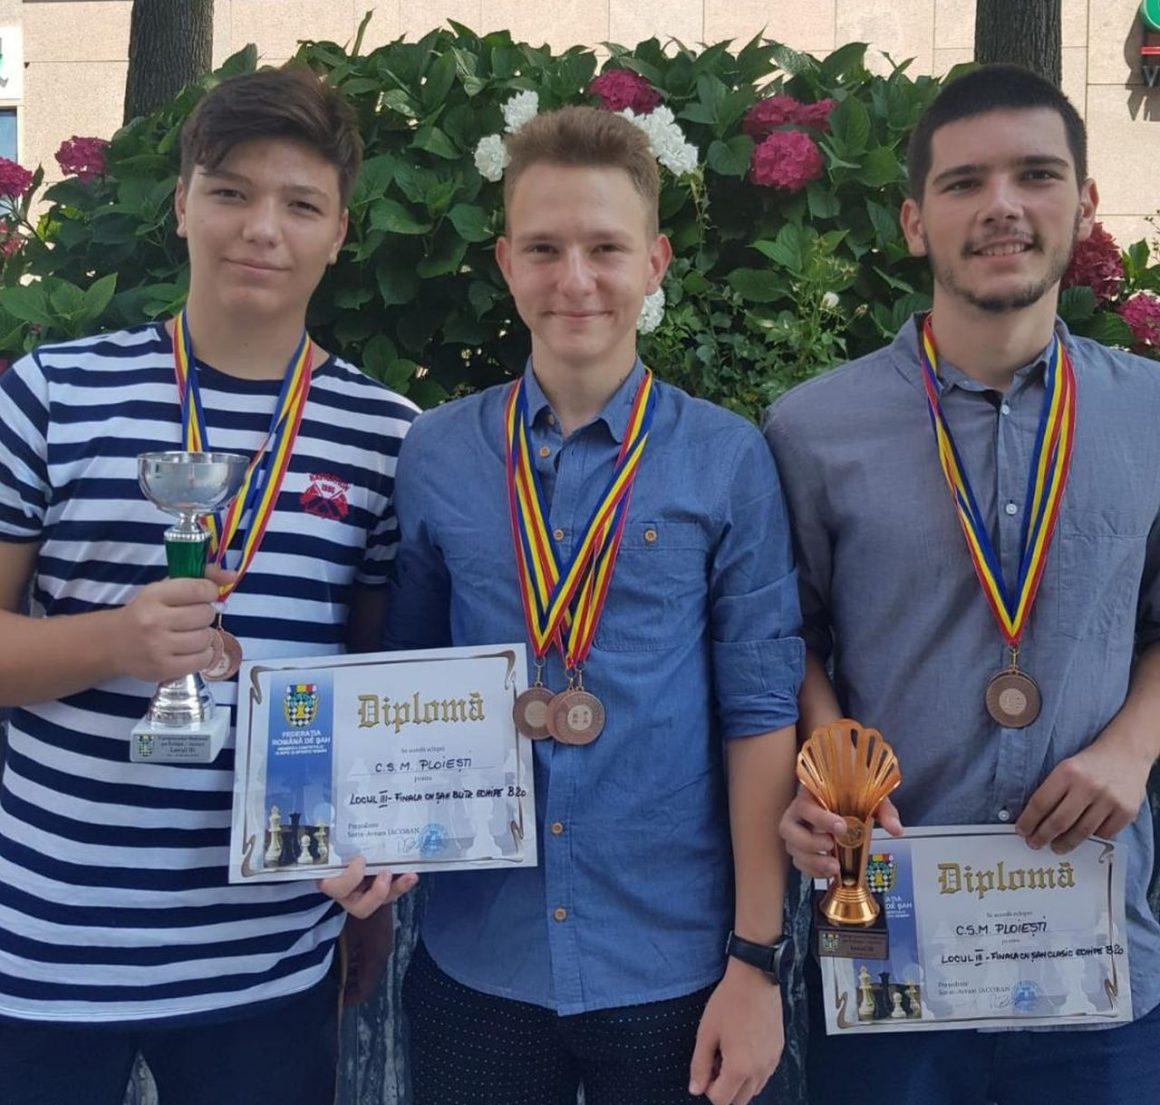 Şahiştii de la CSM Ploieşti, de două ori bronz la Campionatele Naţionale pe echipe!